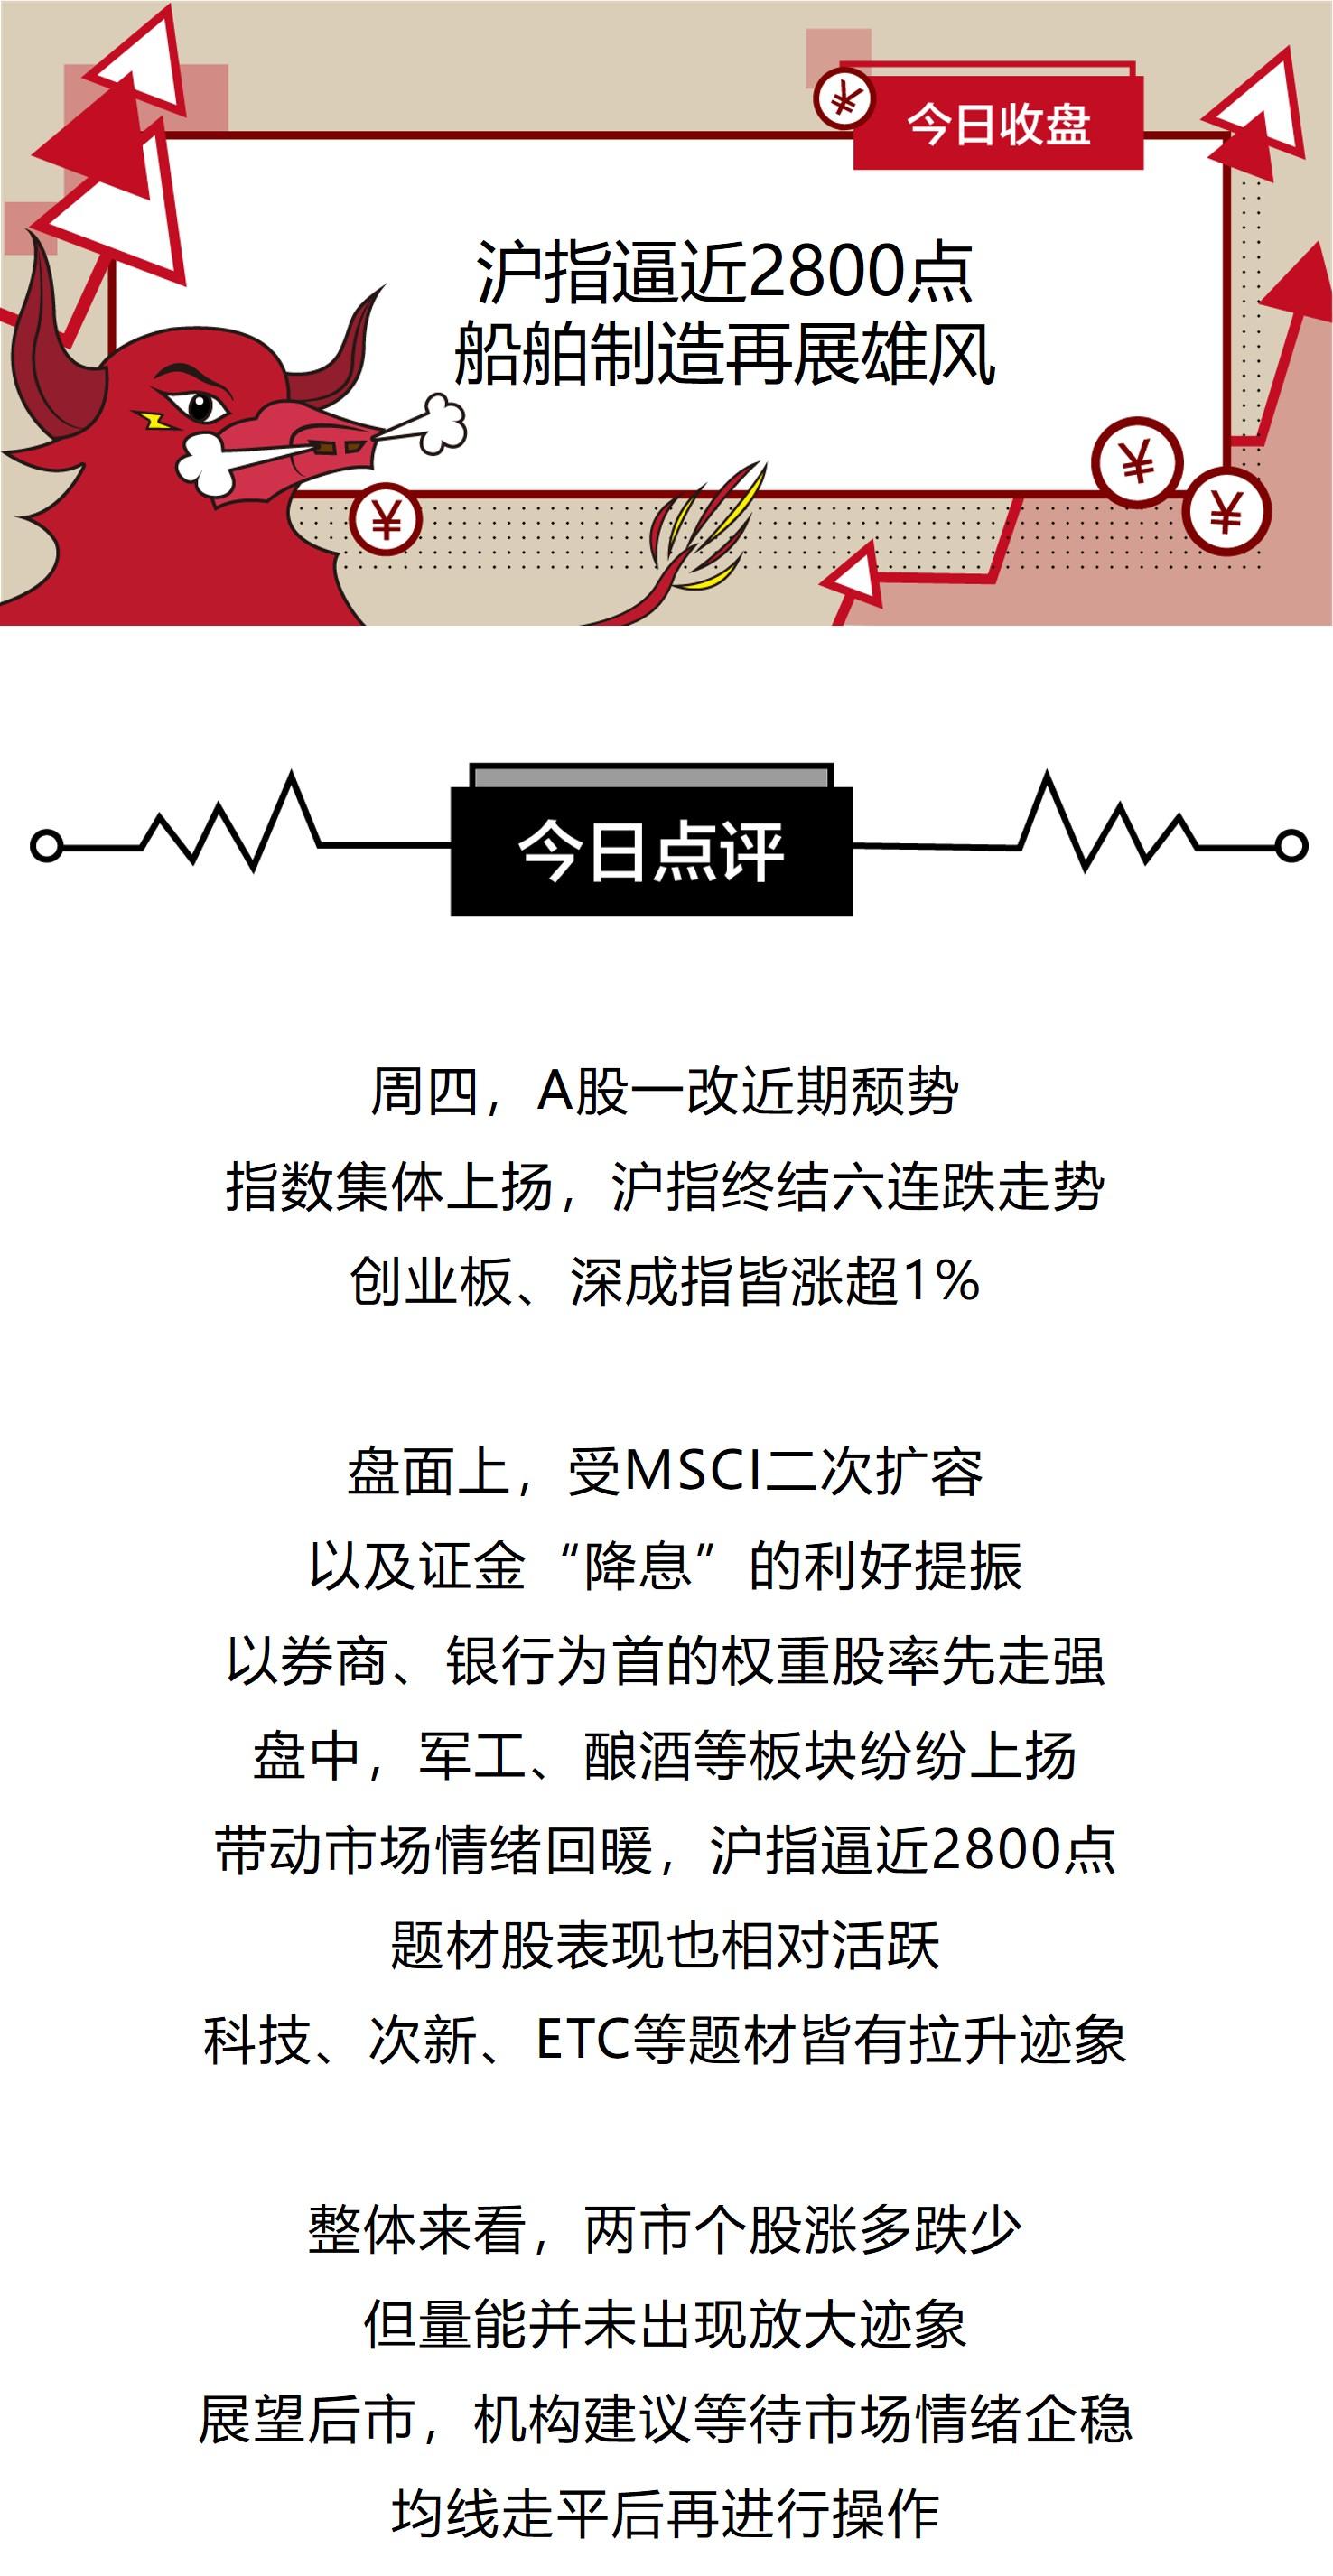 「股票交易到账不足」 收盘   沪指终结六连跌